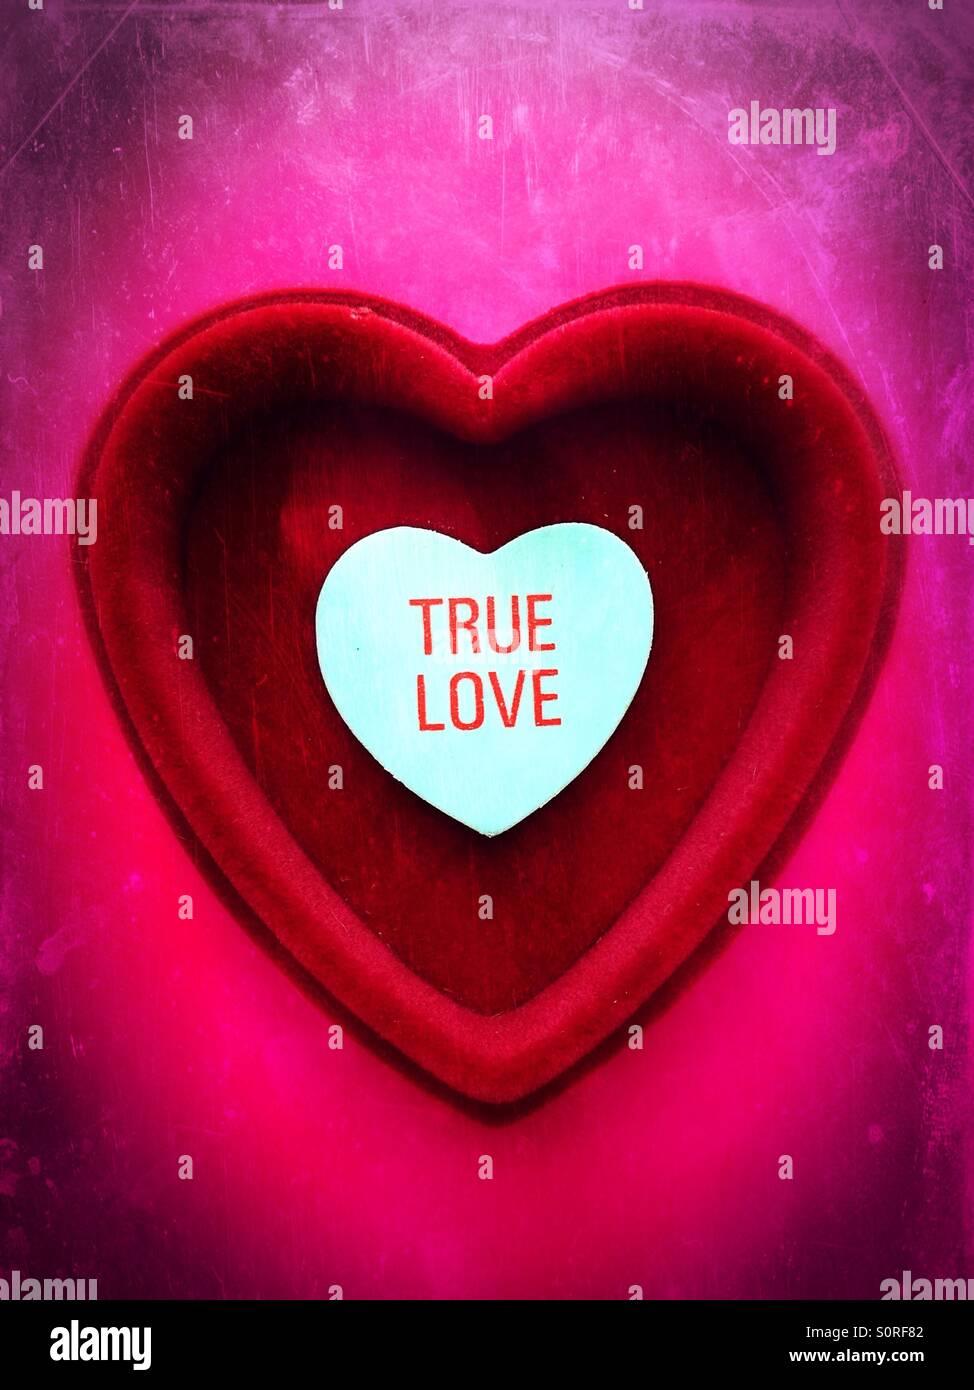 Un cuore dentro un cuore con le parole il vero amore scritto su di esso. Immagini Stock